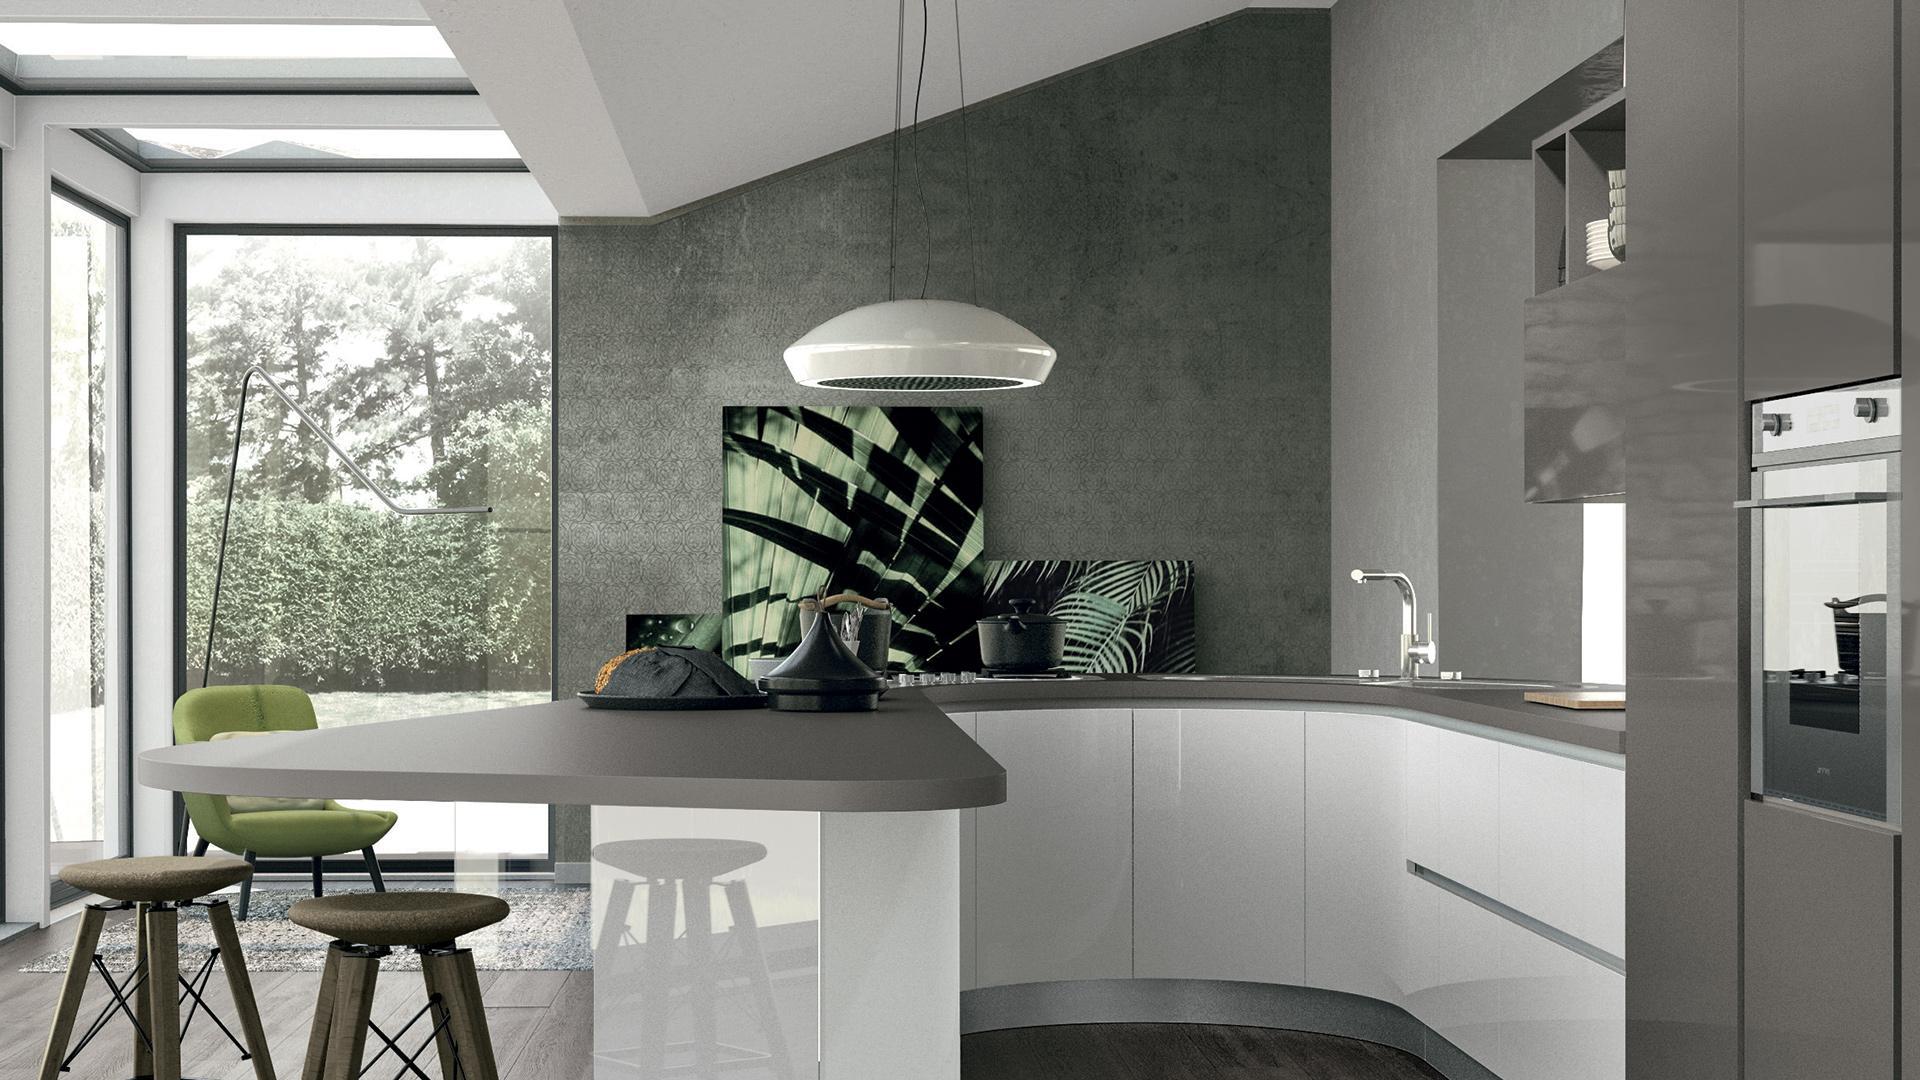 Piccoli consigli di stile per arredare una cucina senza pensili ...